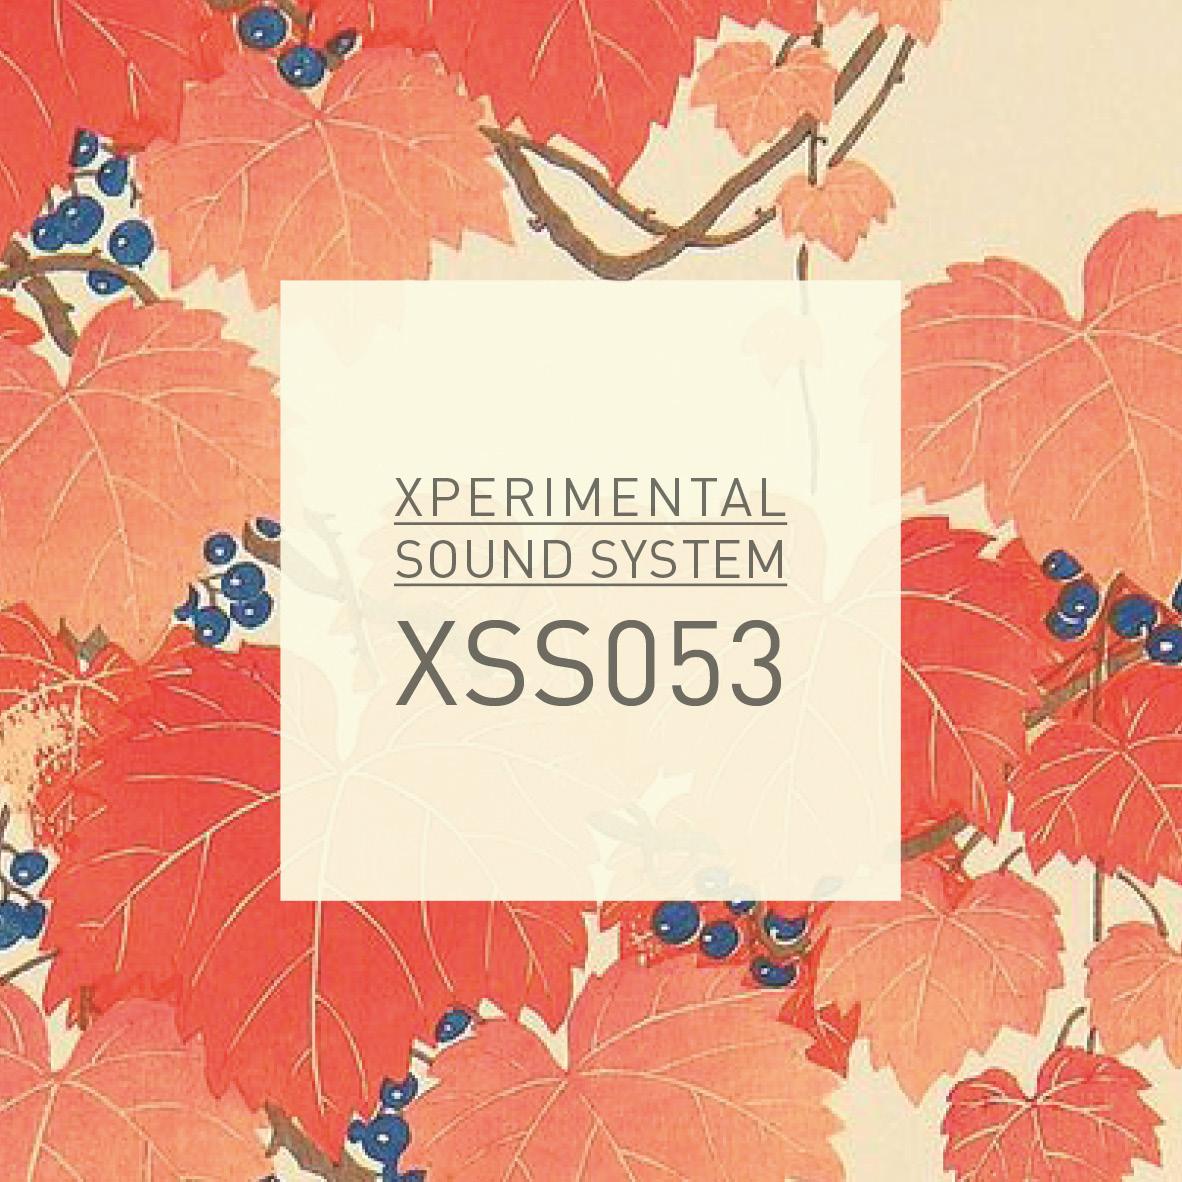 XSS053